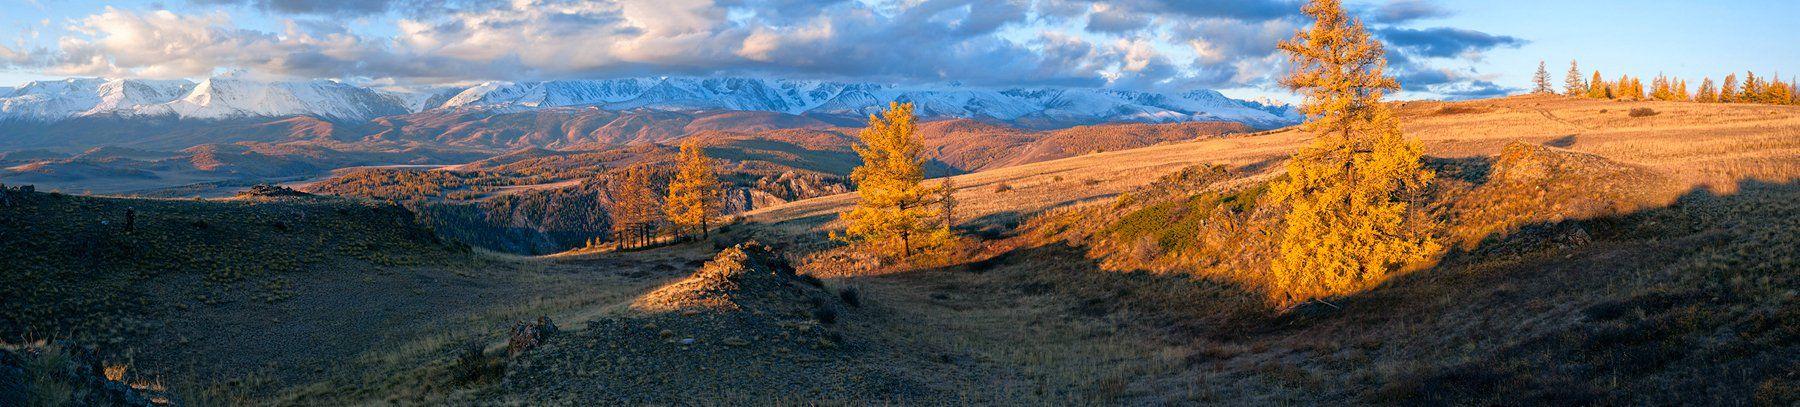 горы, лиственницы, утро, курай, северо-чуйский хребет, горный алтай, республика алтай, Валерий Пешков